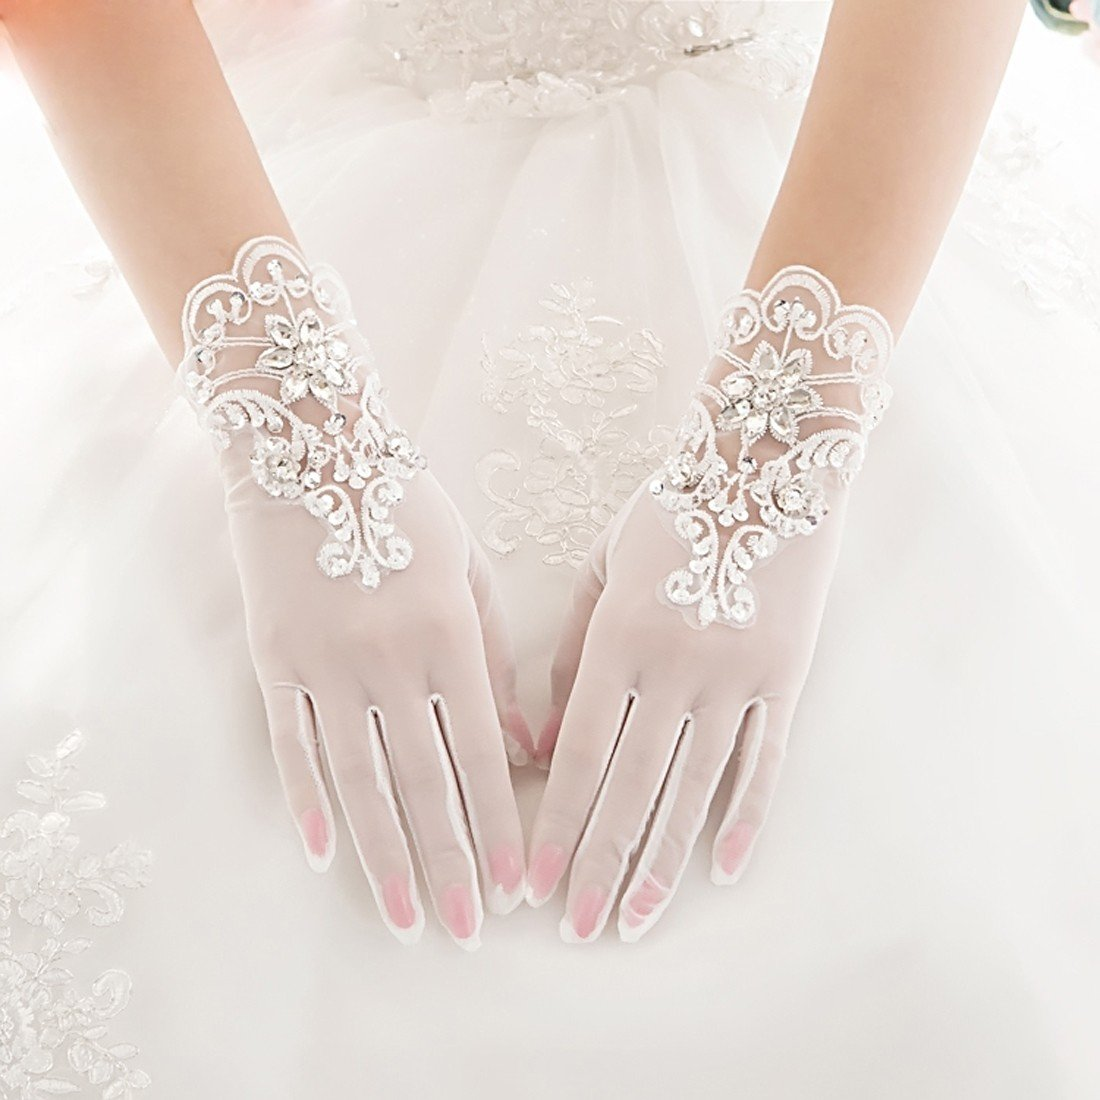 KHSKX-Sposa Lace, Guanti Di Strass, Guanti, Sposa, Breve Matrimonio Dito I Guanti, Guanti, Accessori.